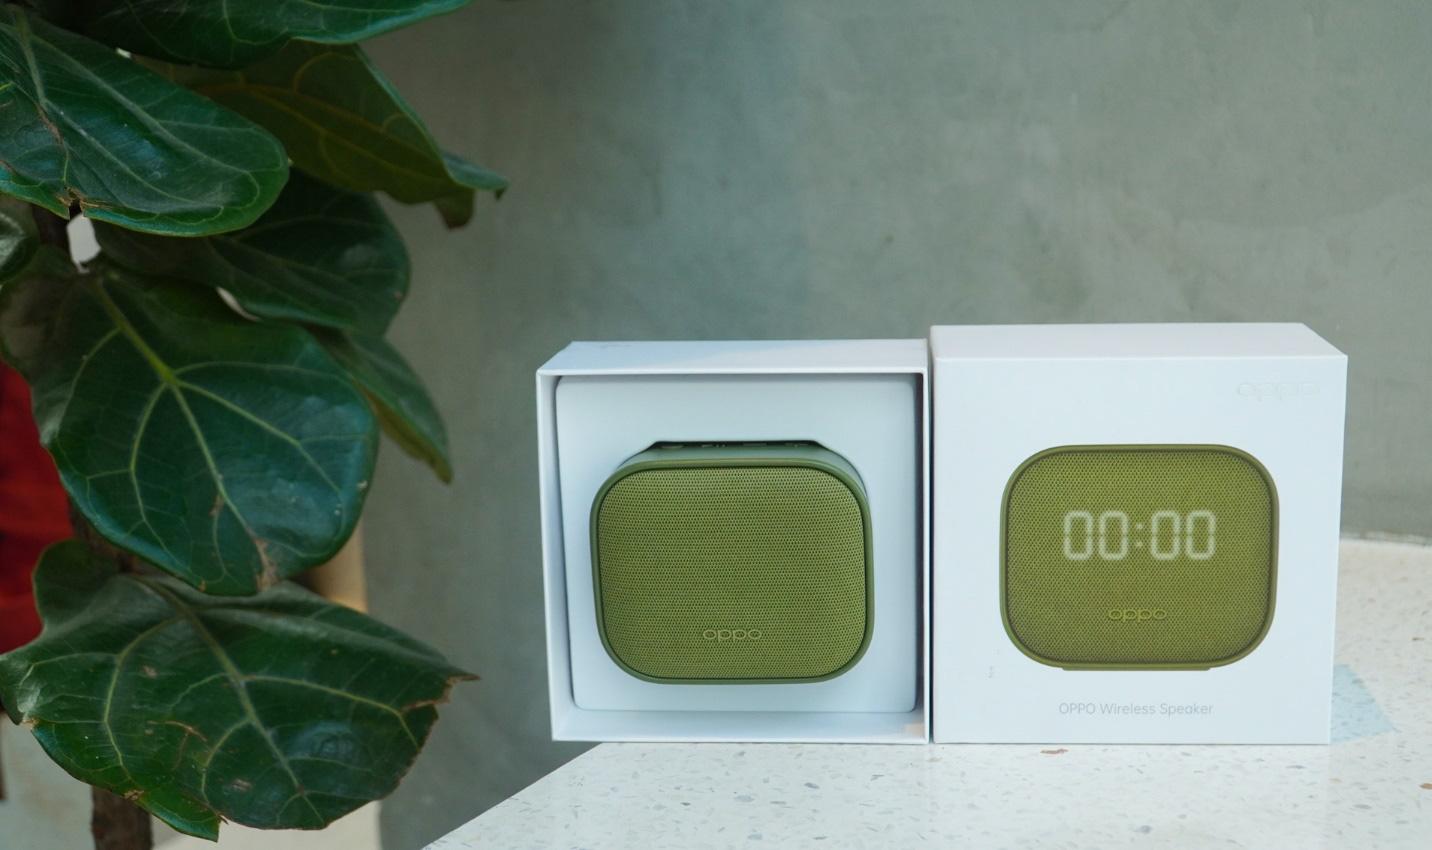 Trải nghiệm loa Bluetooth OPPO - Quà tặng đặt trước Reno4 - Ảnh 1.